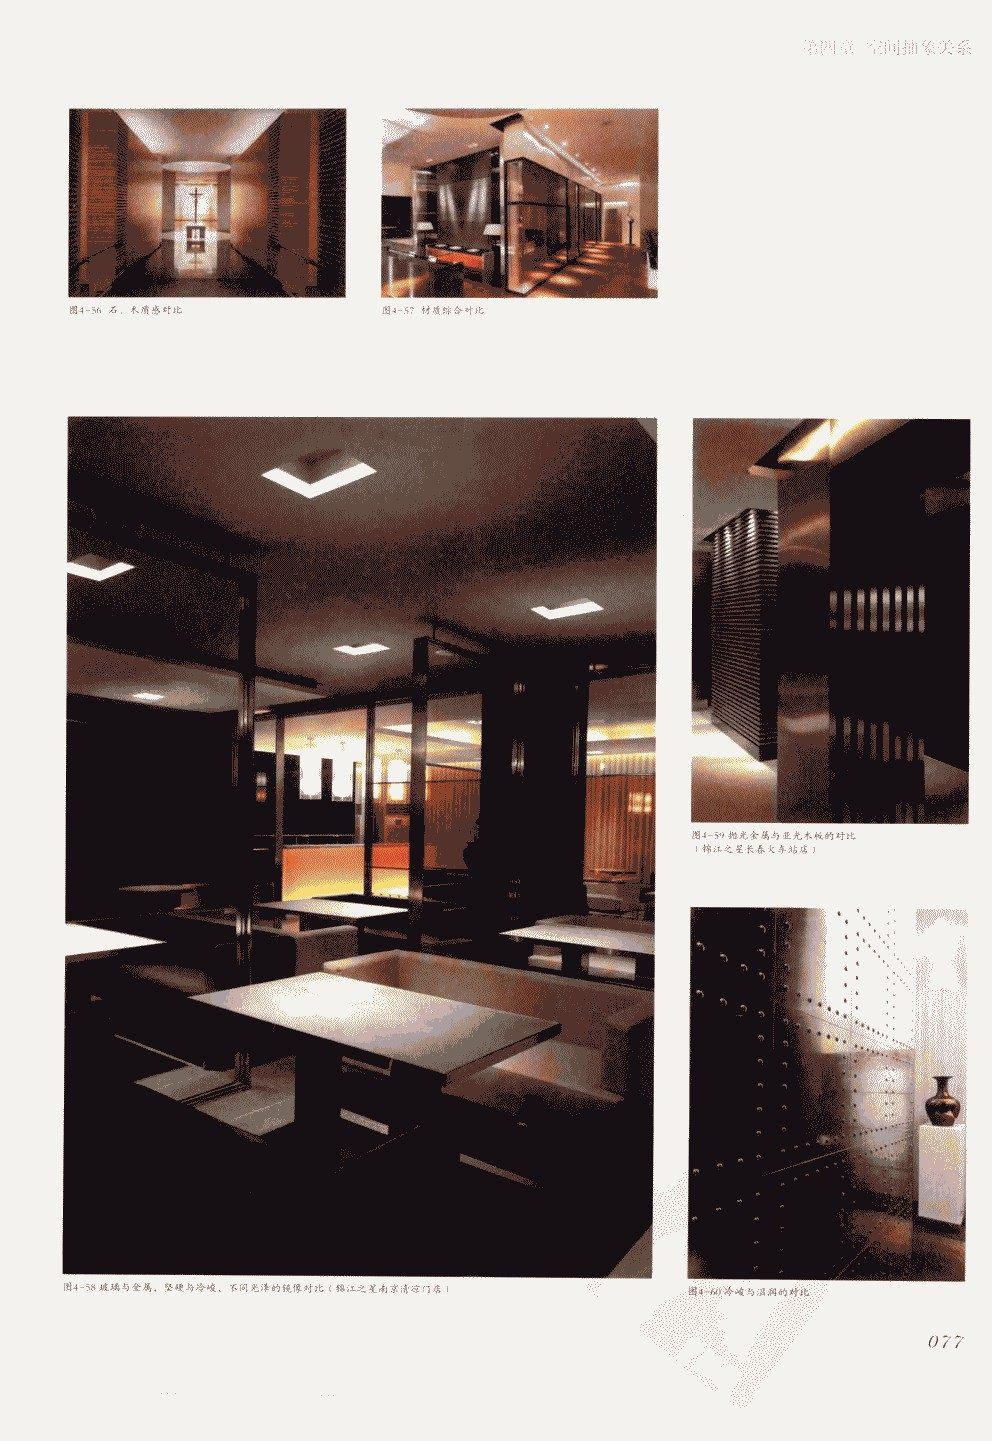 室内设计纲要++概念思考与过程表达_室内设计纲要  概念思考与过程表达_1297982..._页面_085.jpg